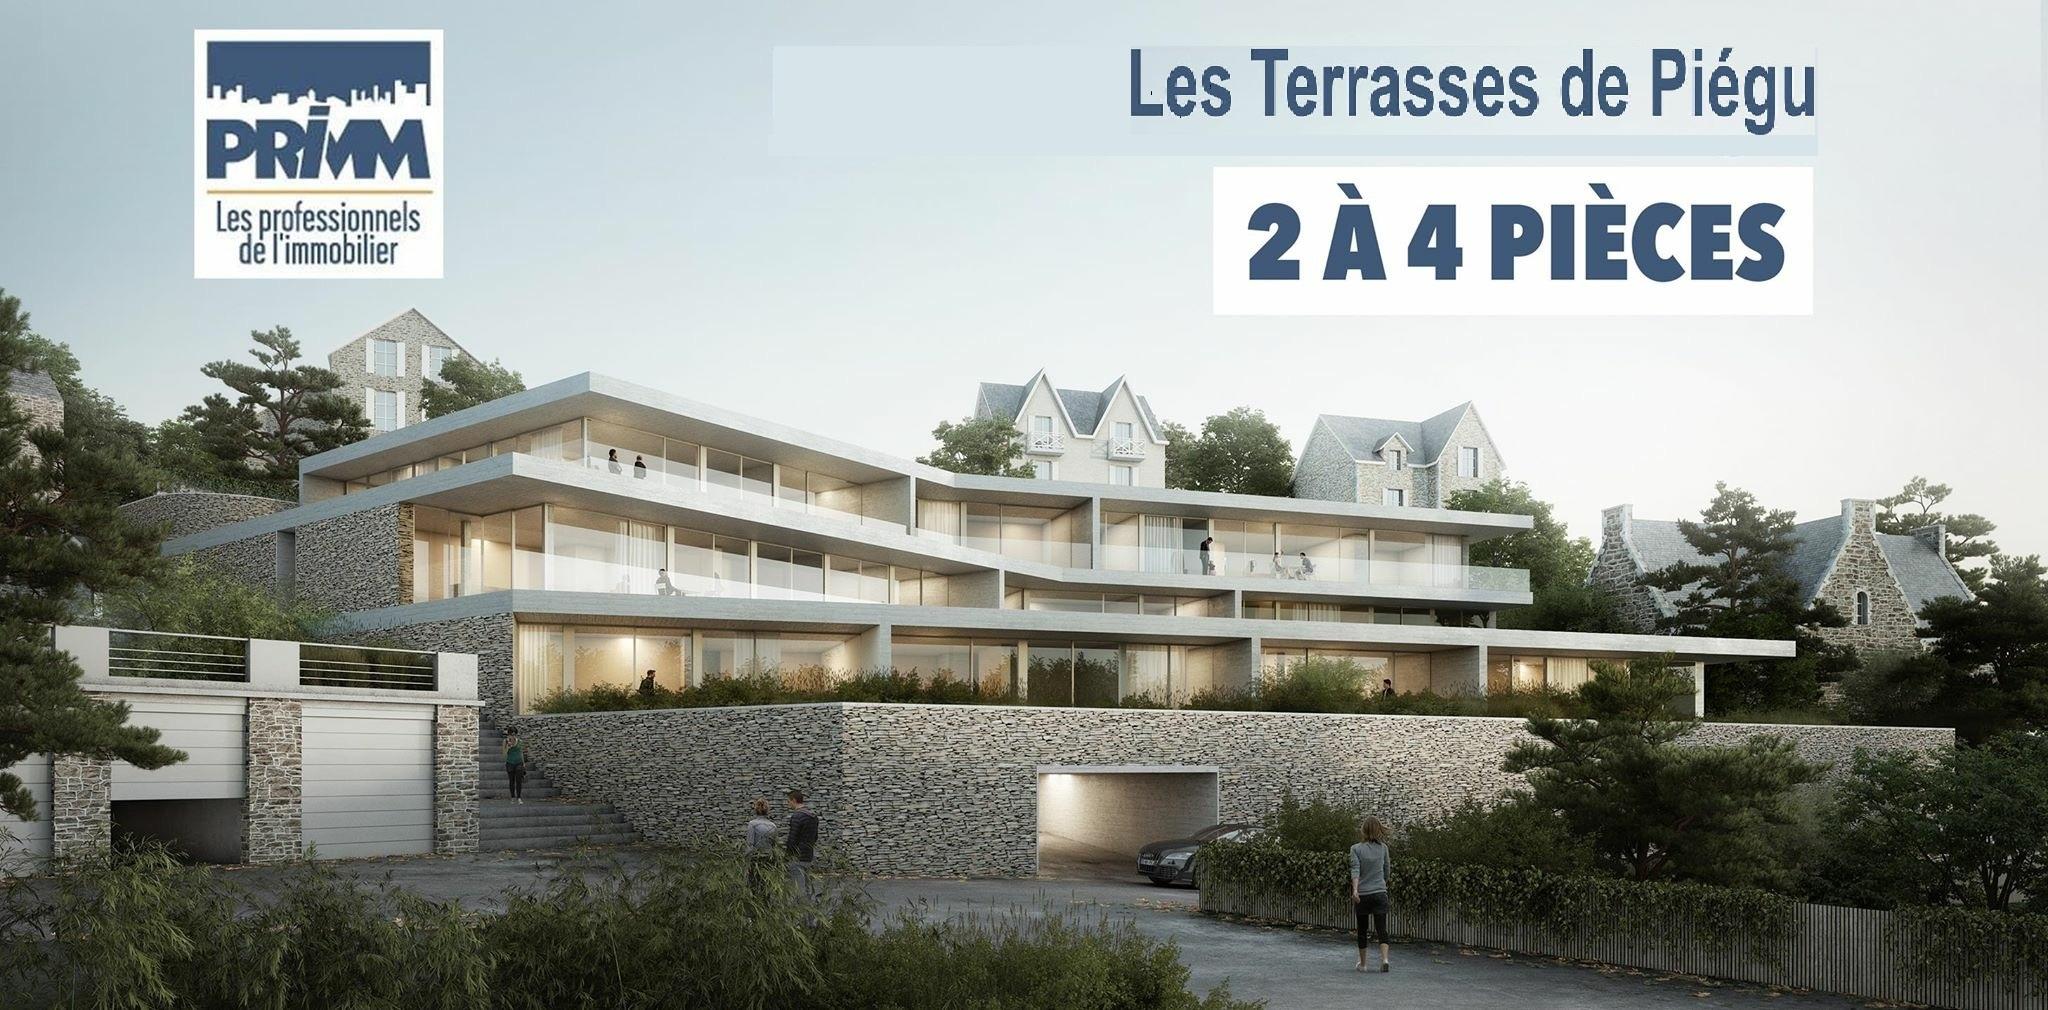 Les Terrasses de Piégu